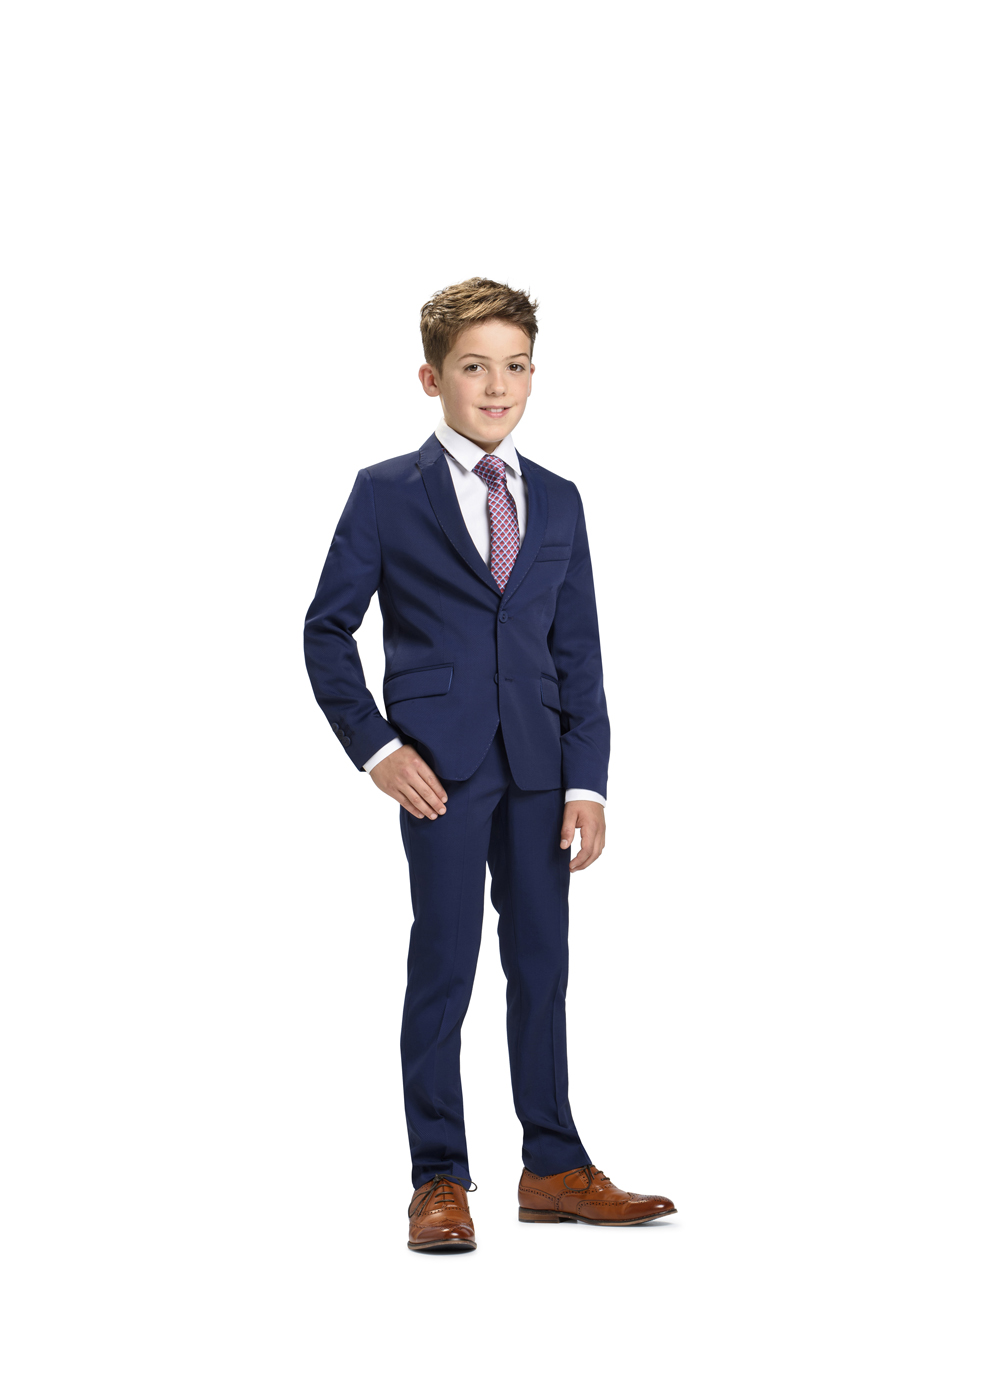 Schicker moderner Kommunion Anzug für Jungen von Weise Junior - Modell 7516552. Perfekt sitzender Anzug in dunkelblau mit weißem Hemd und Krawatte.